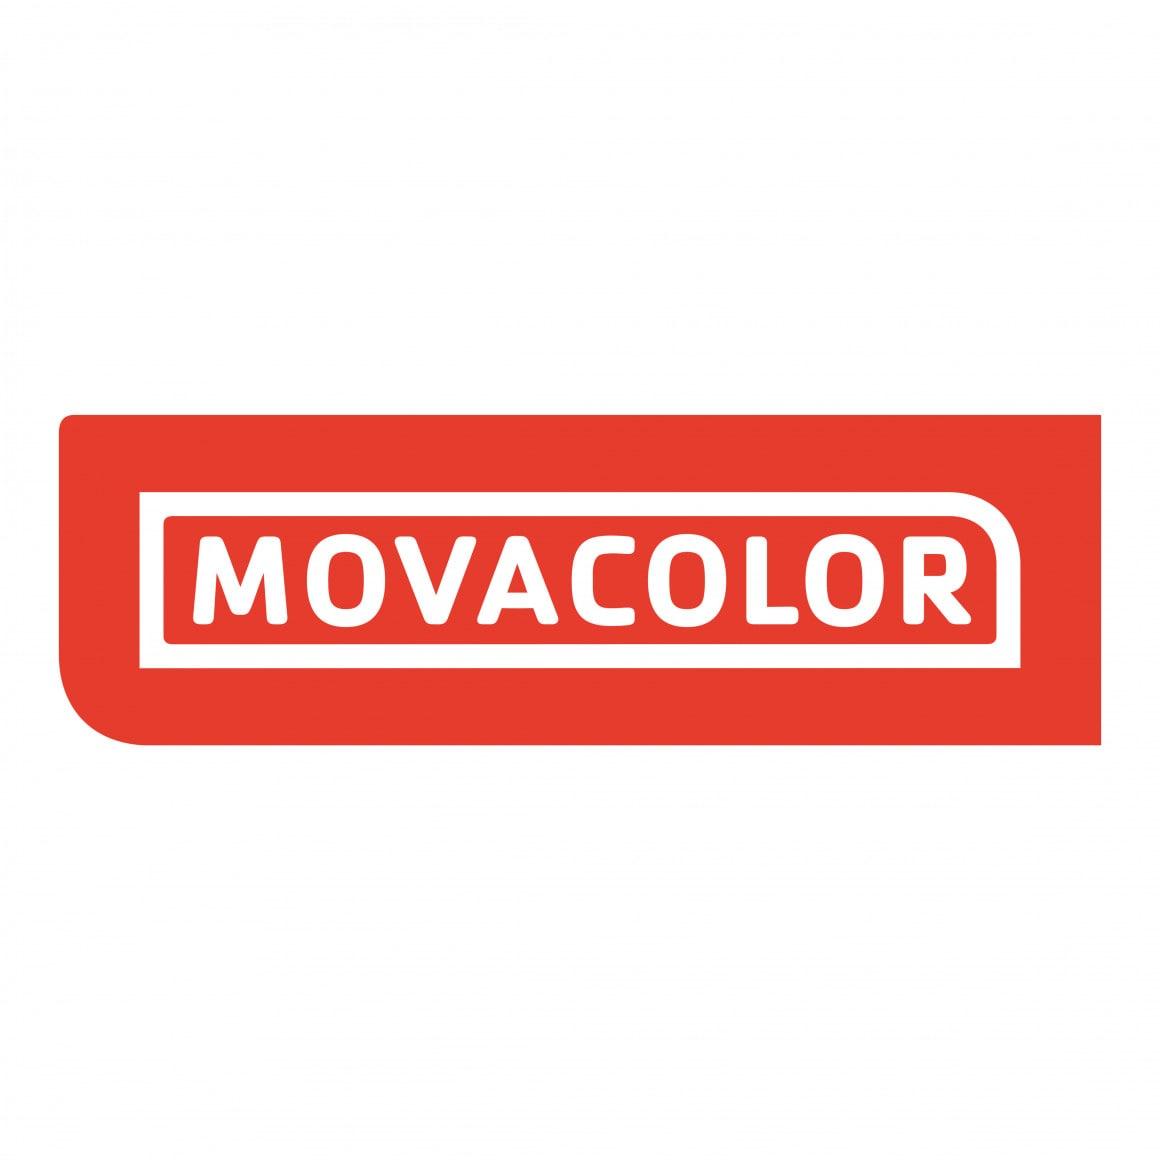 La gamme complète de produits Movacolor